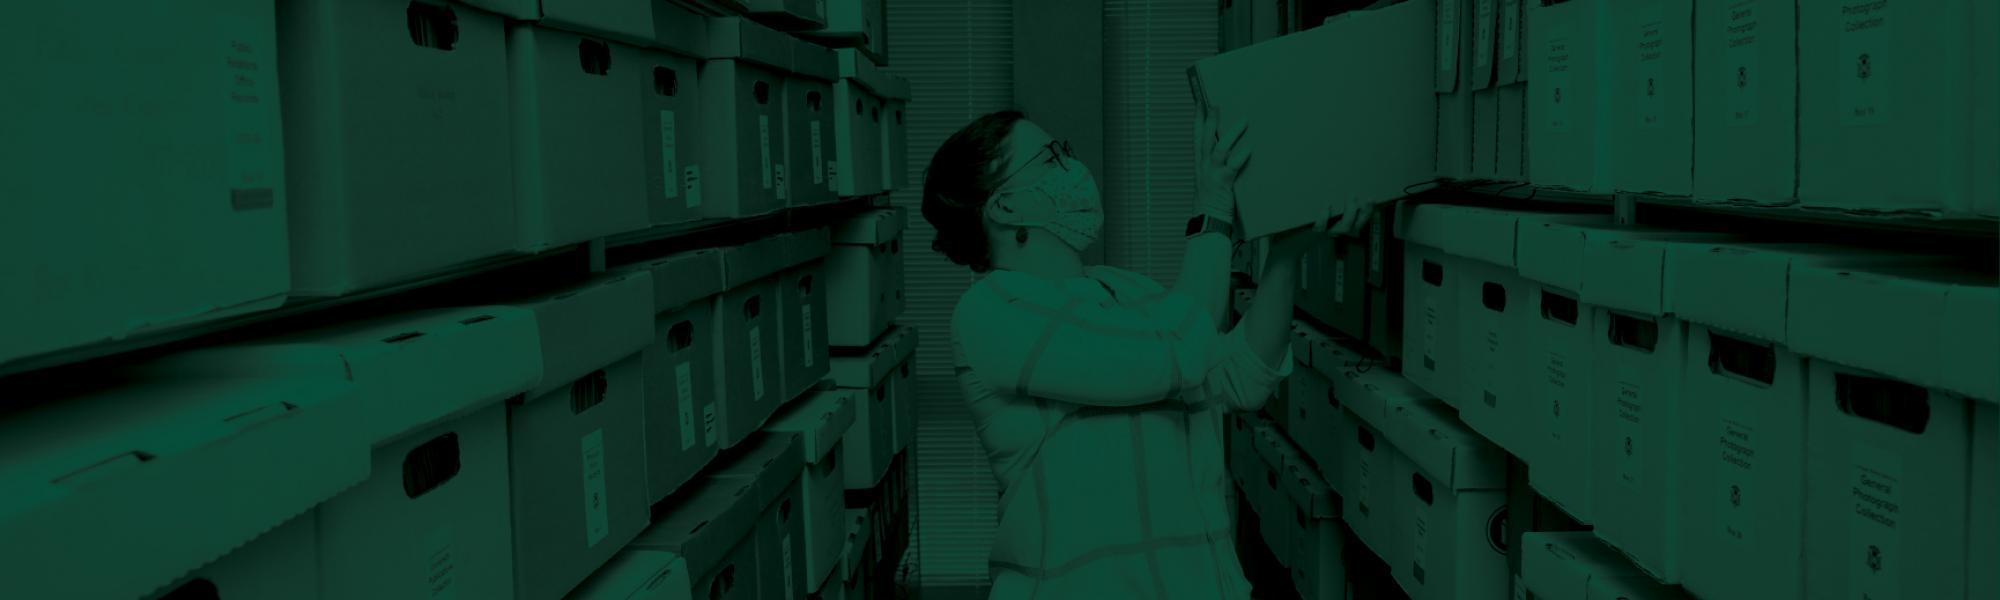 University Archives Background Image